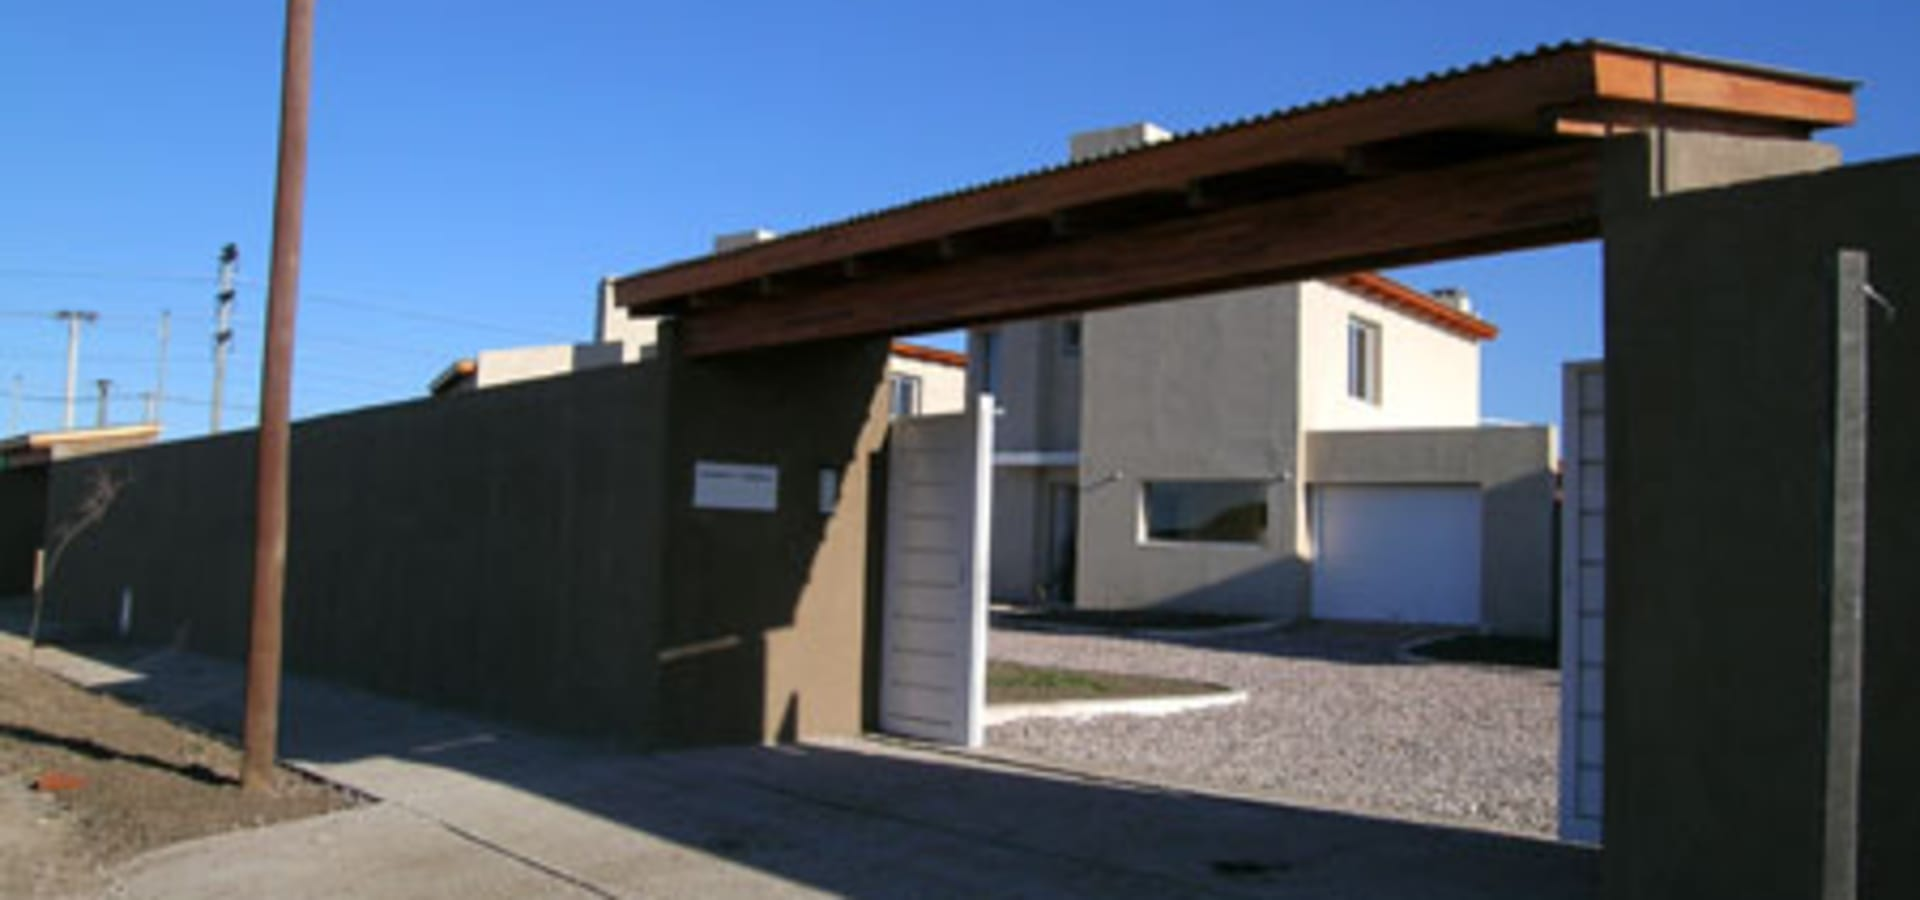 Rojas Guri Arquitectos